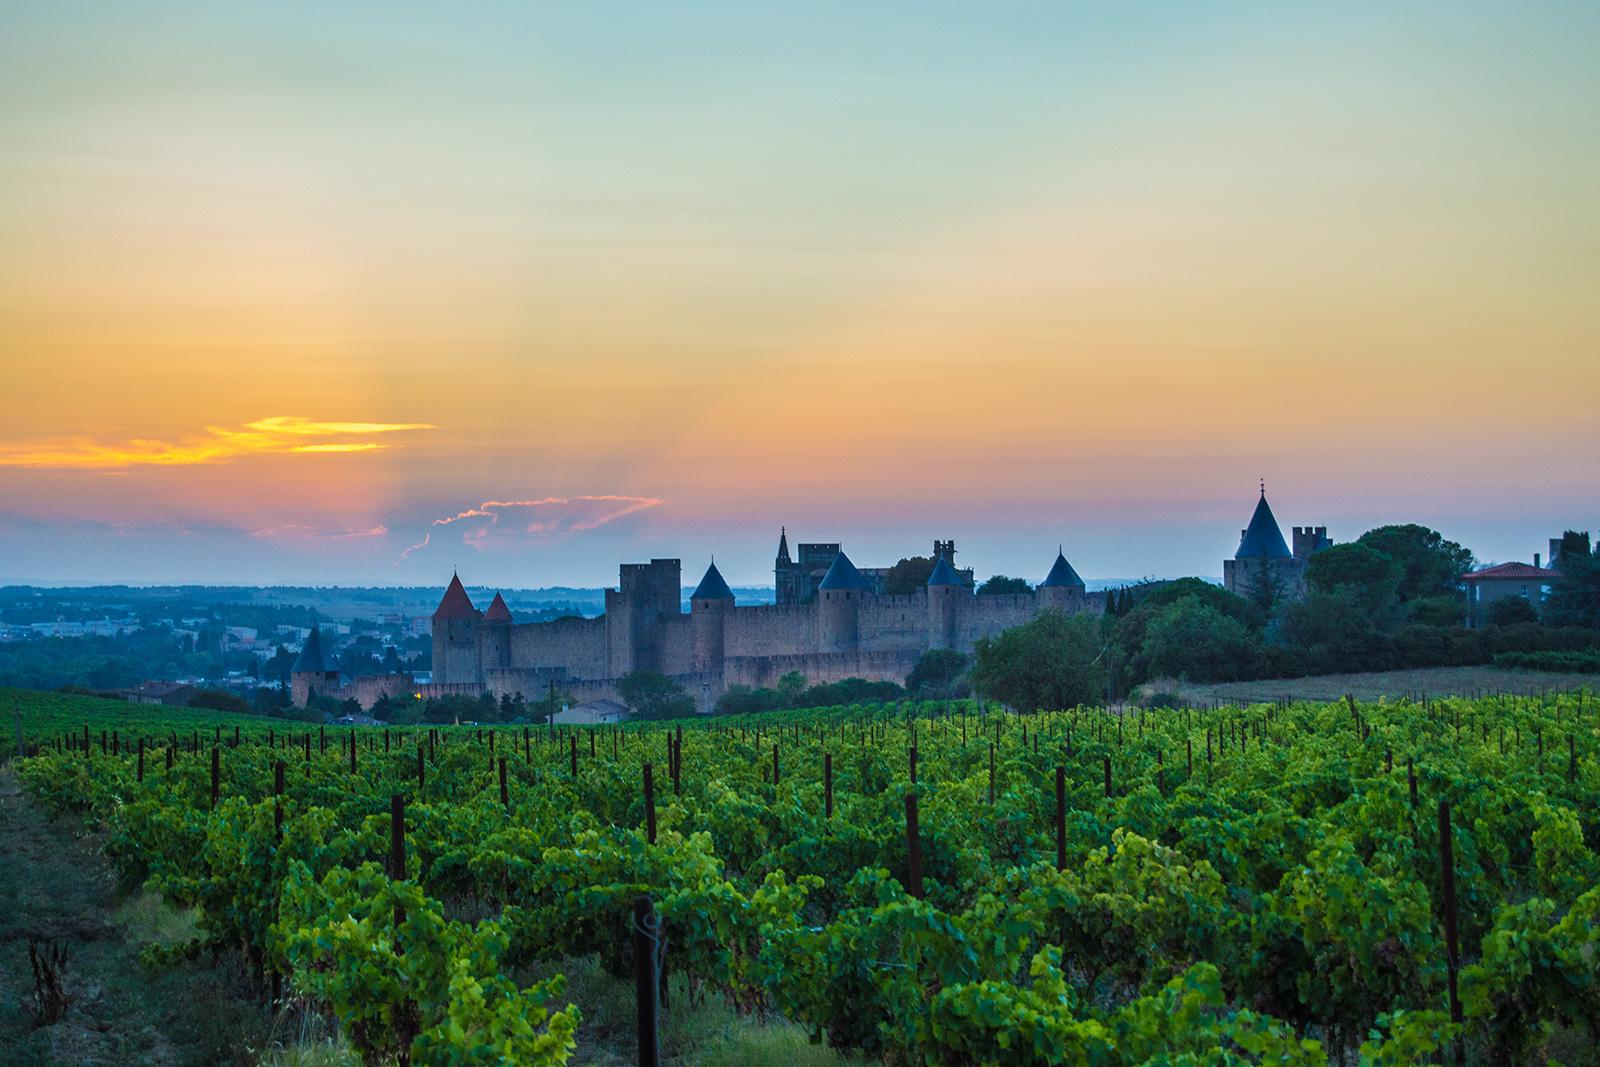 Vistas de la ciudad amurallada de Carcassonne desde los viñedos